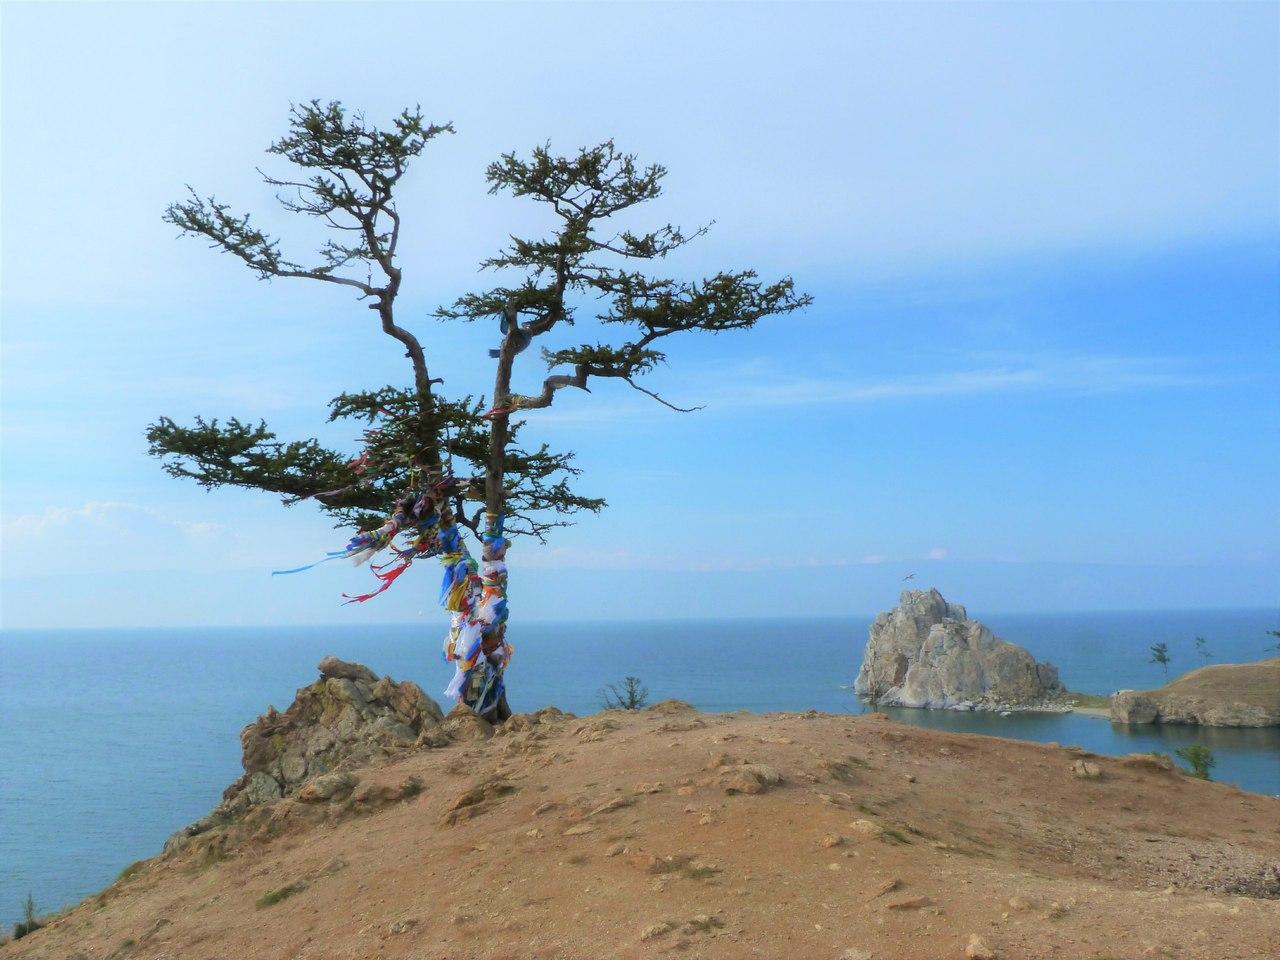 Остров Ольхон, скала Шаманка, фото